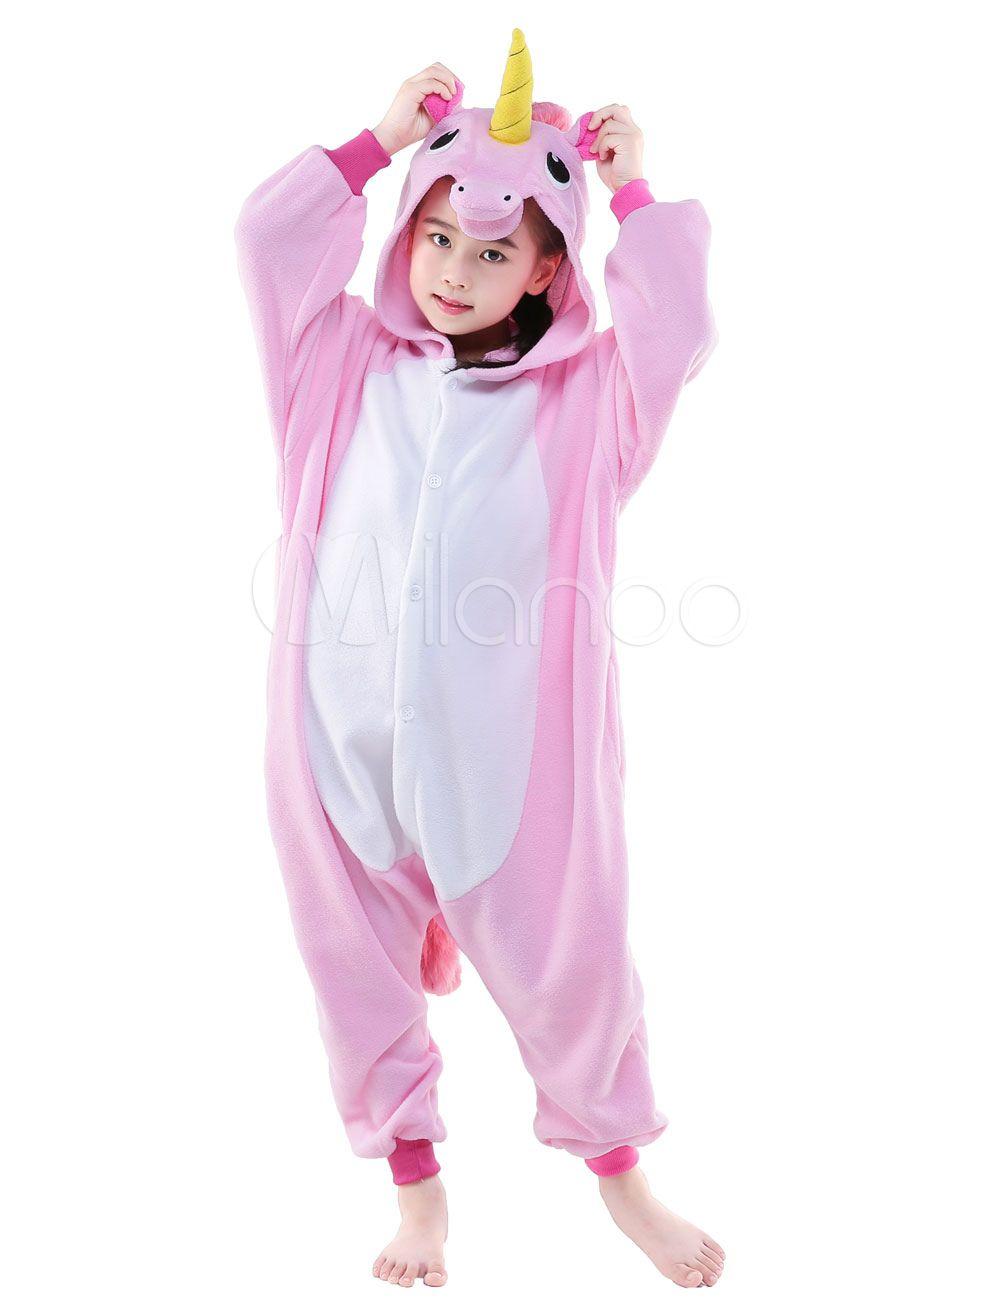 Kigurumi Pajama 2018 Pink Licorne Unicorn Onesie Kid Flannel Sleepwear Costume  Halloween 264415c21